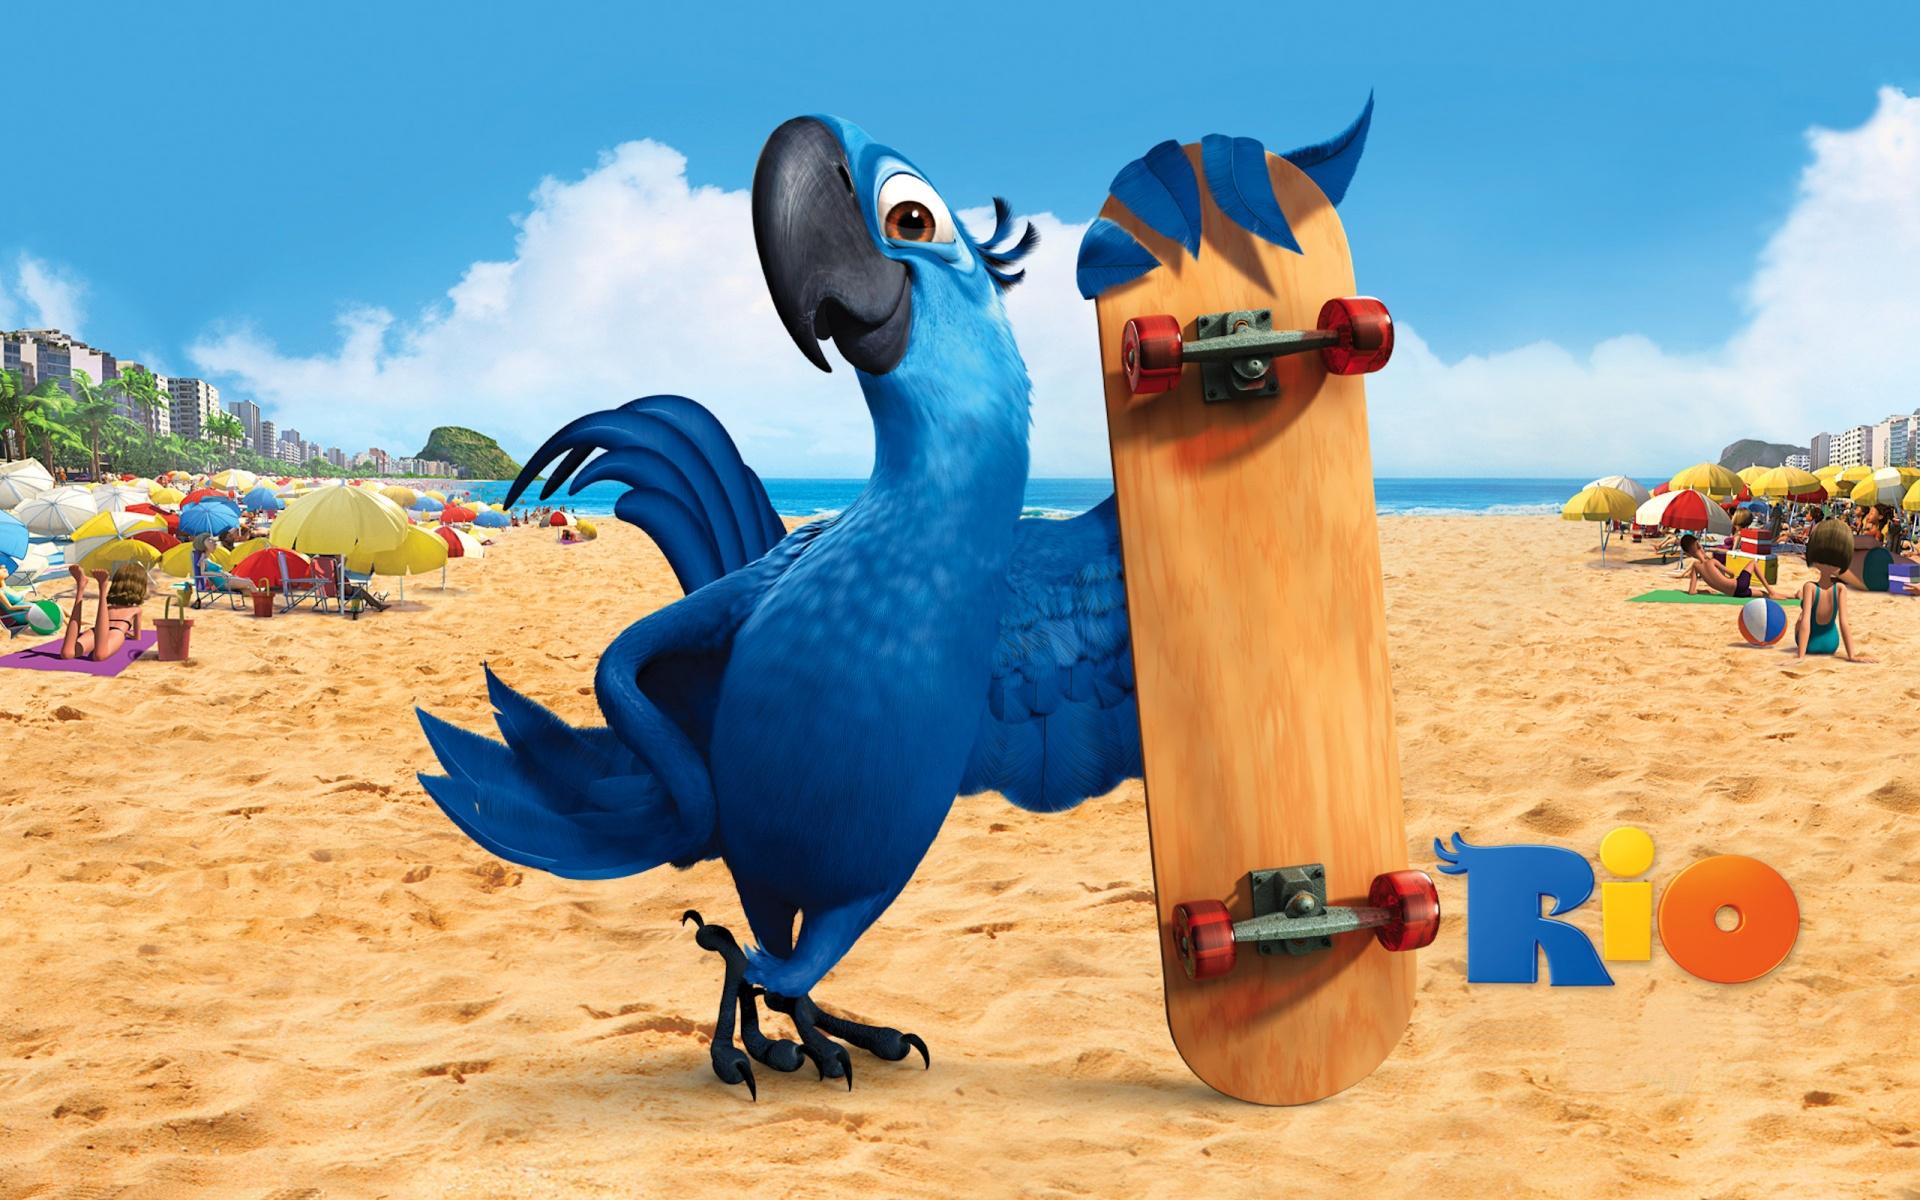 Wallpapers Rio Parrots Cartoons Rio Parrots Cartoons. Wallpapers Rio Cartoons